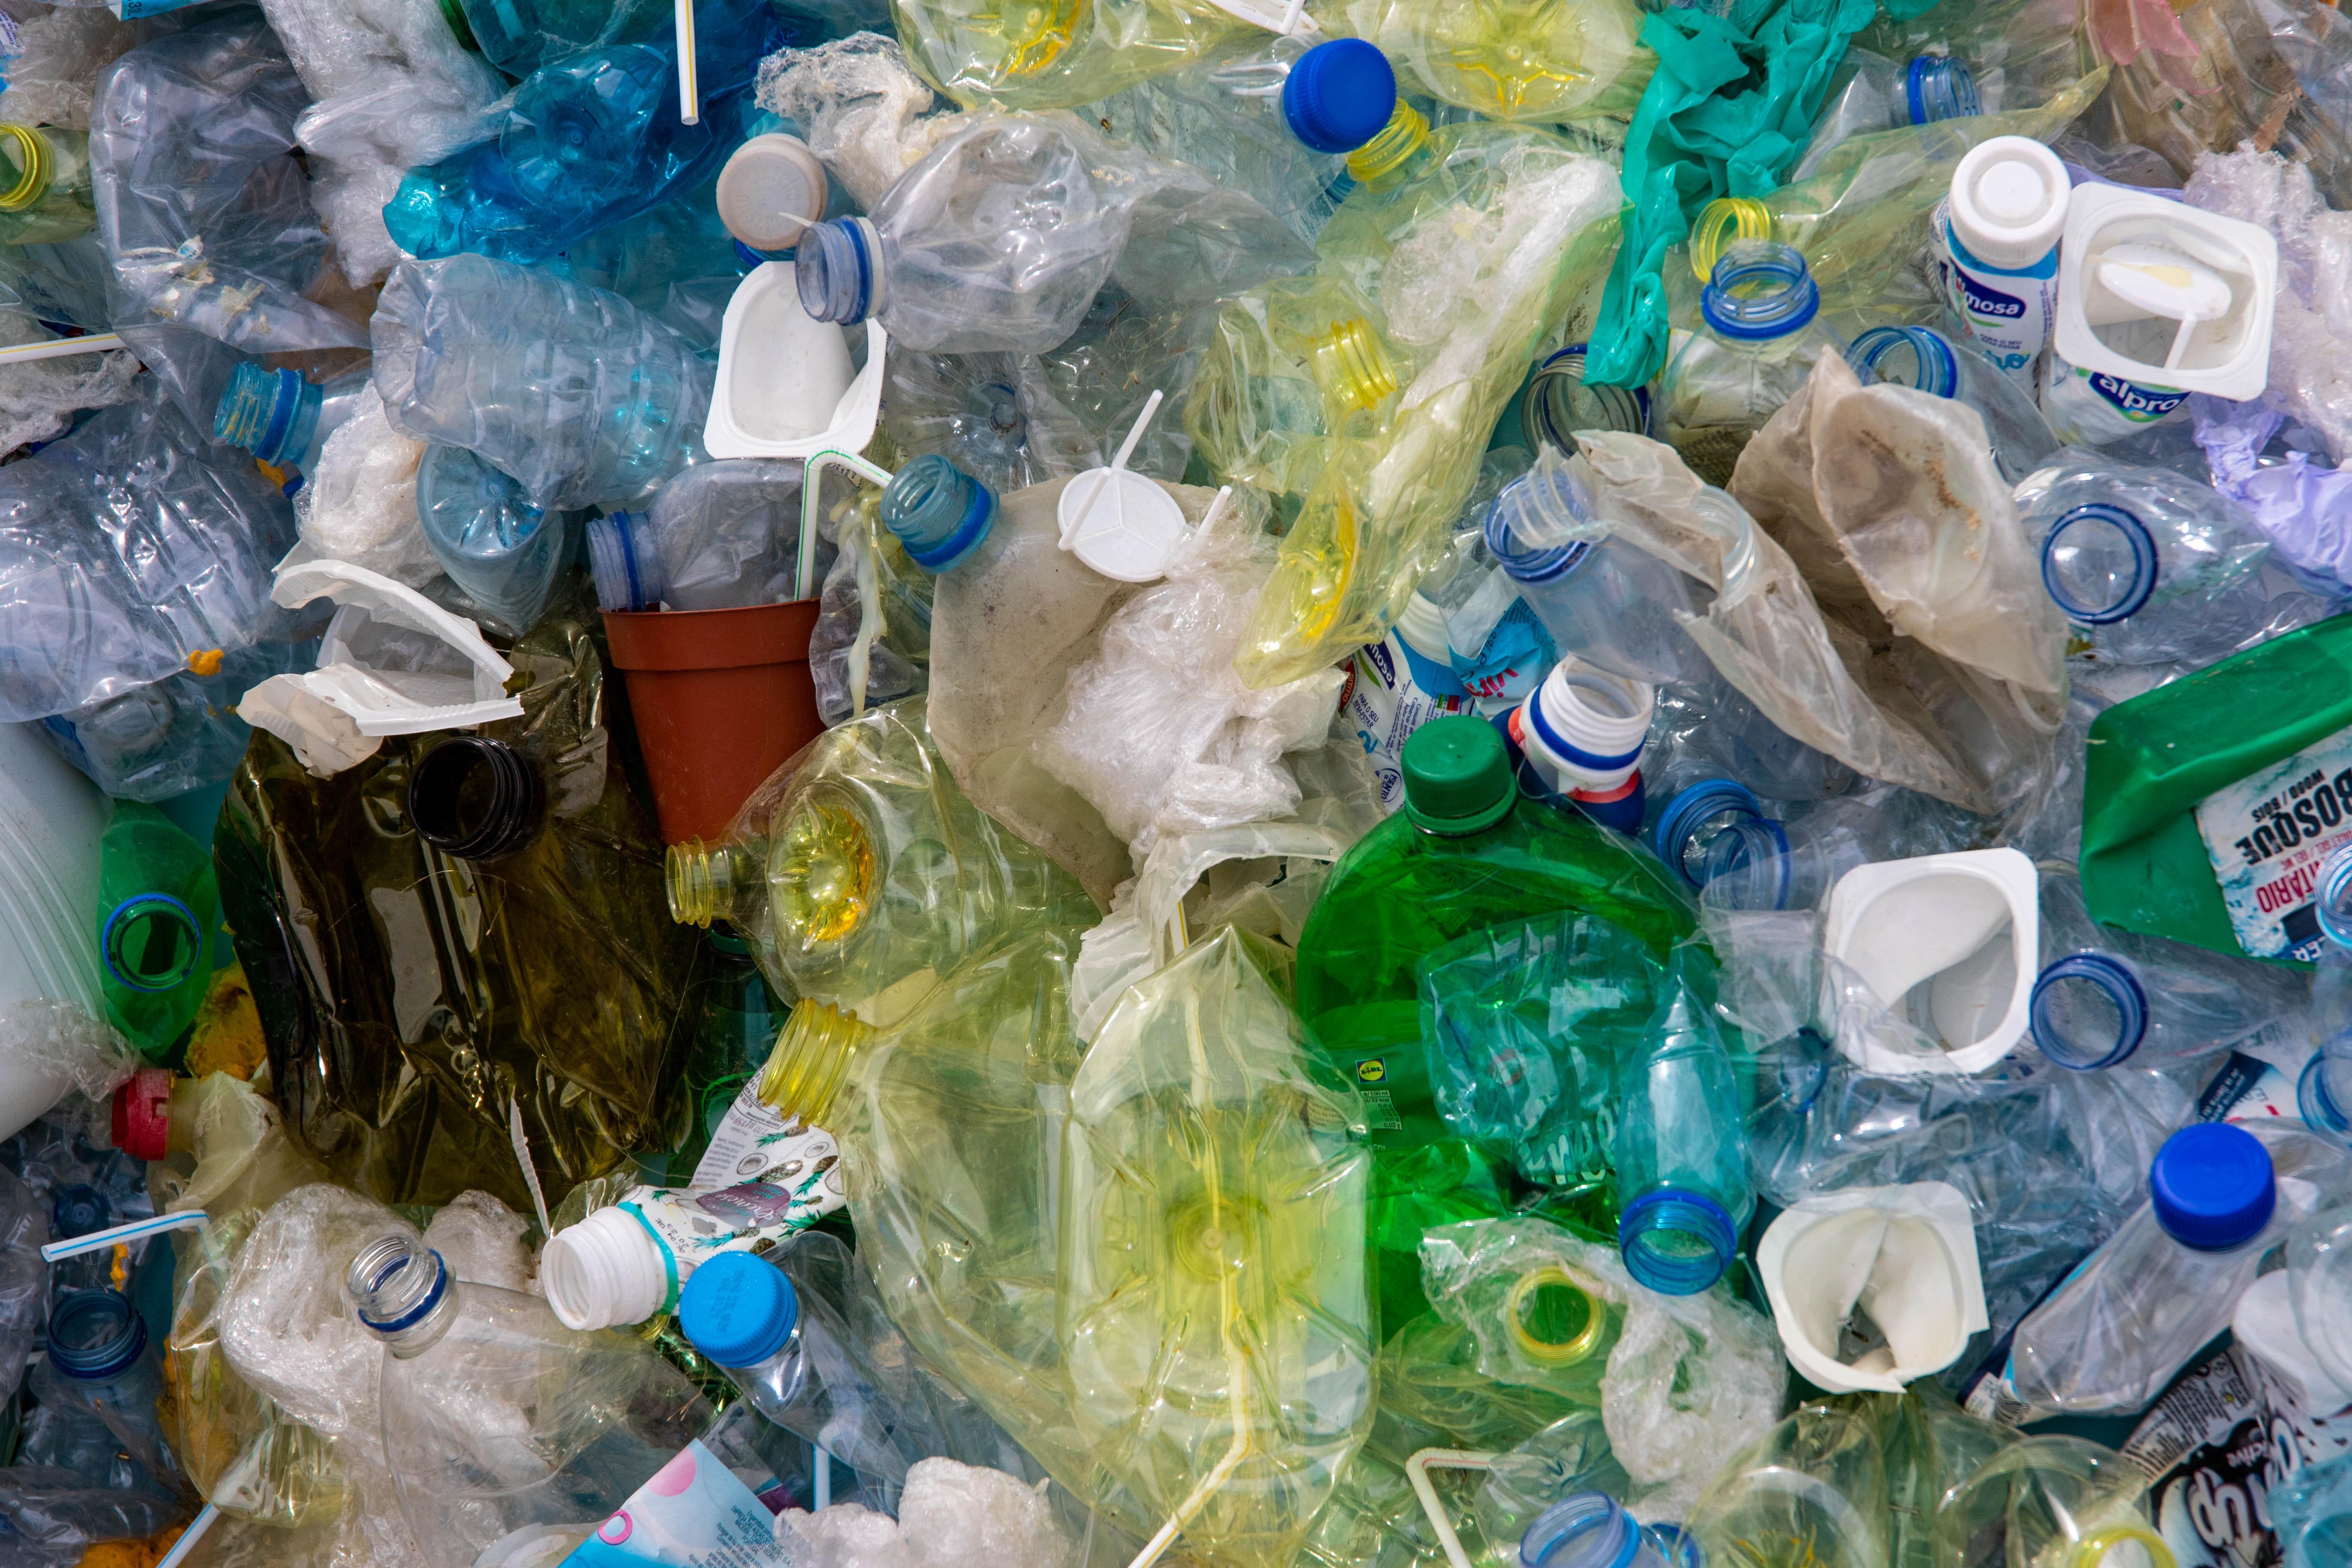 Riesame delle autorizzazioni integrate ambientali per gli impianti di trattamento rifiuti